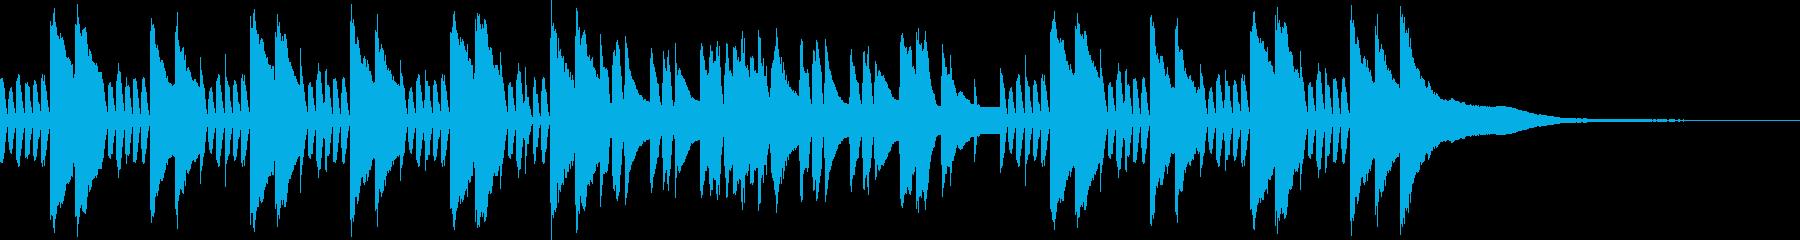 ほのぼのとした雰囲気のピアノBGMの再生済みの波形